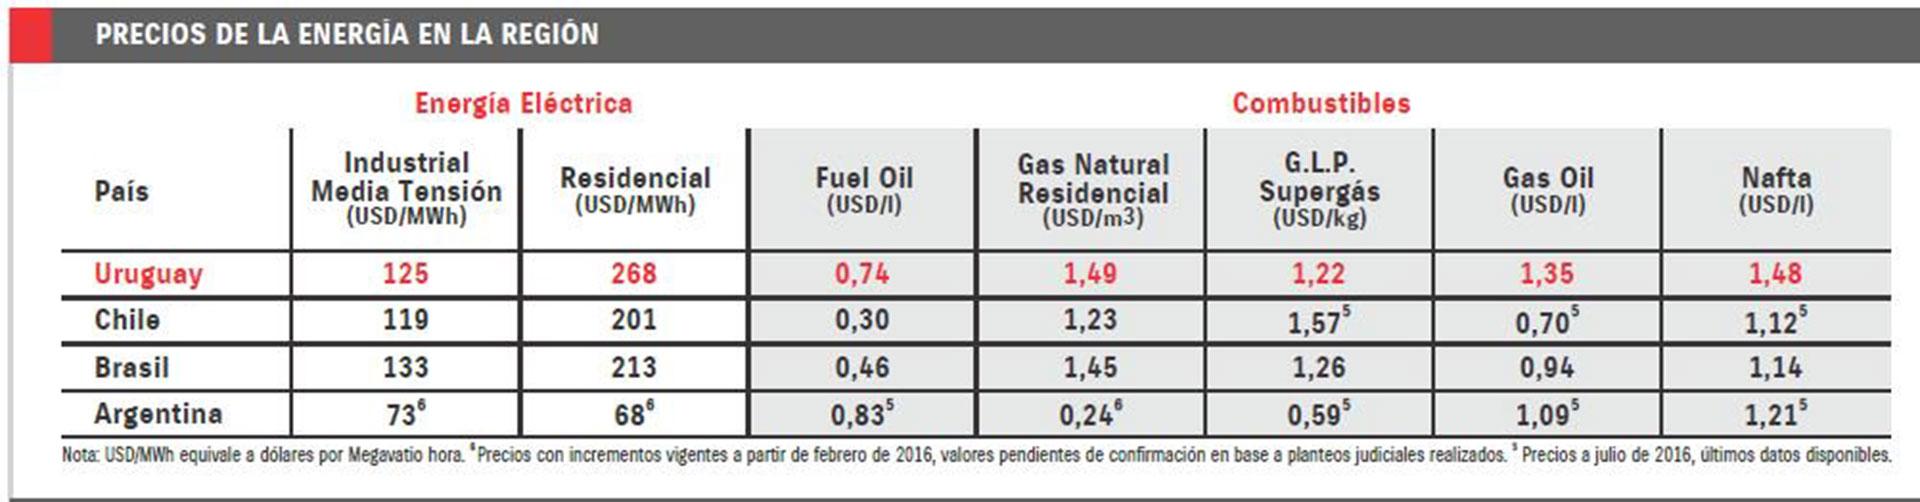 El rezago de las tarifas en la Argentina es generalizado a toda la matriz energética